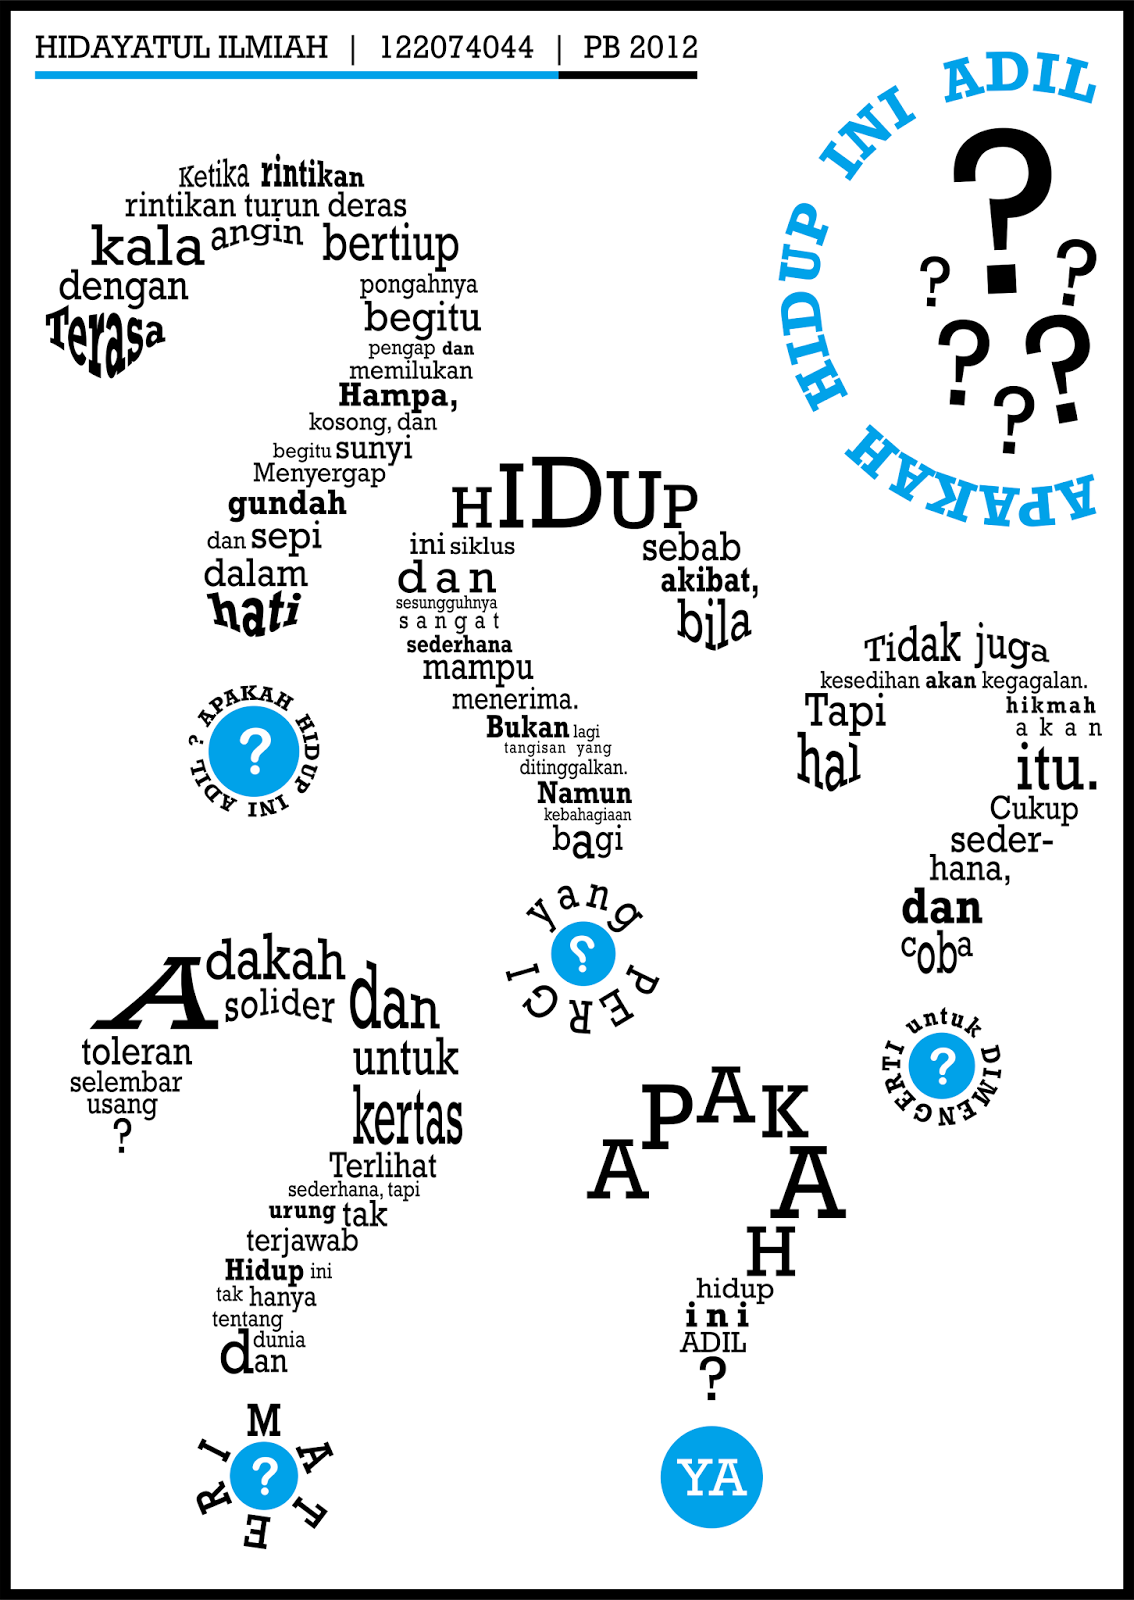 Contoh Puisi Tipografi : contoh, puisi, tipografi, Puisi, Tipografi